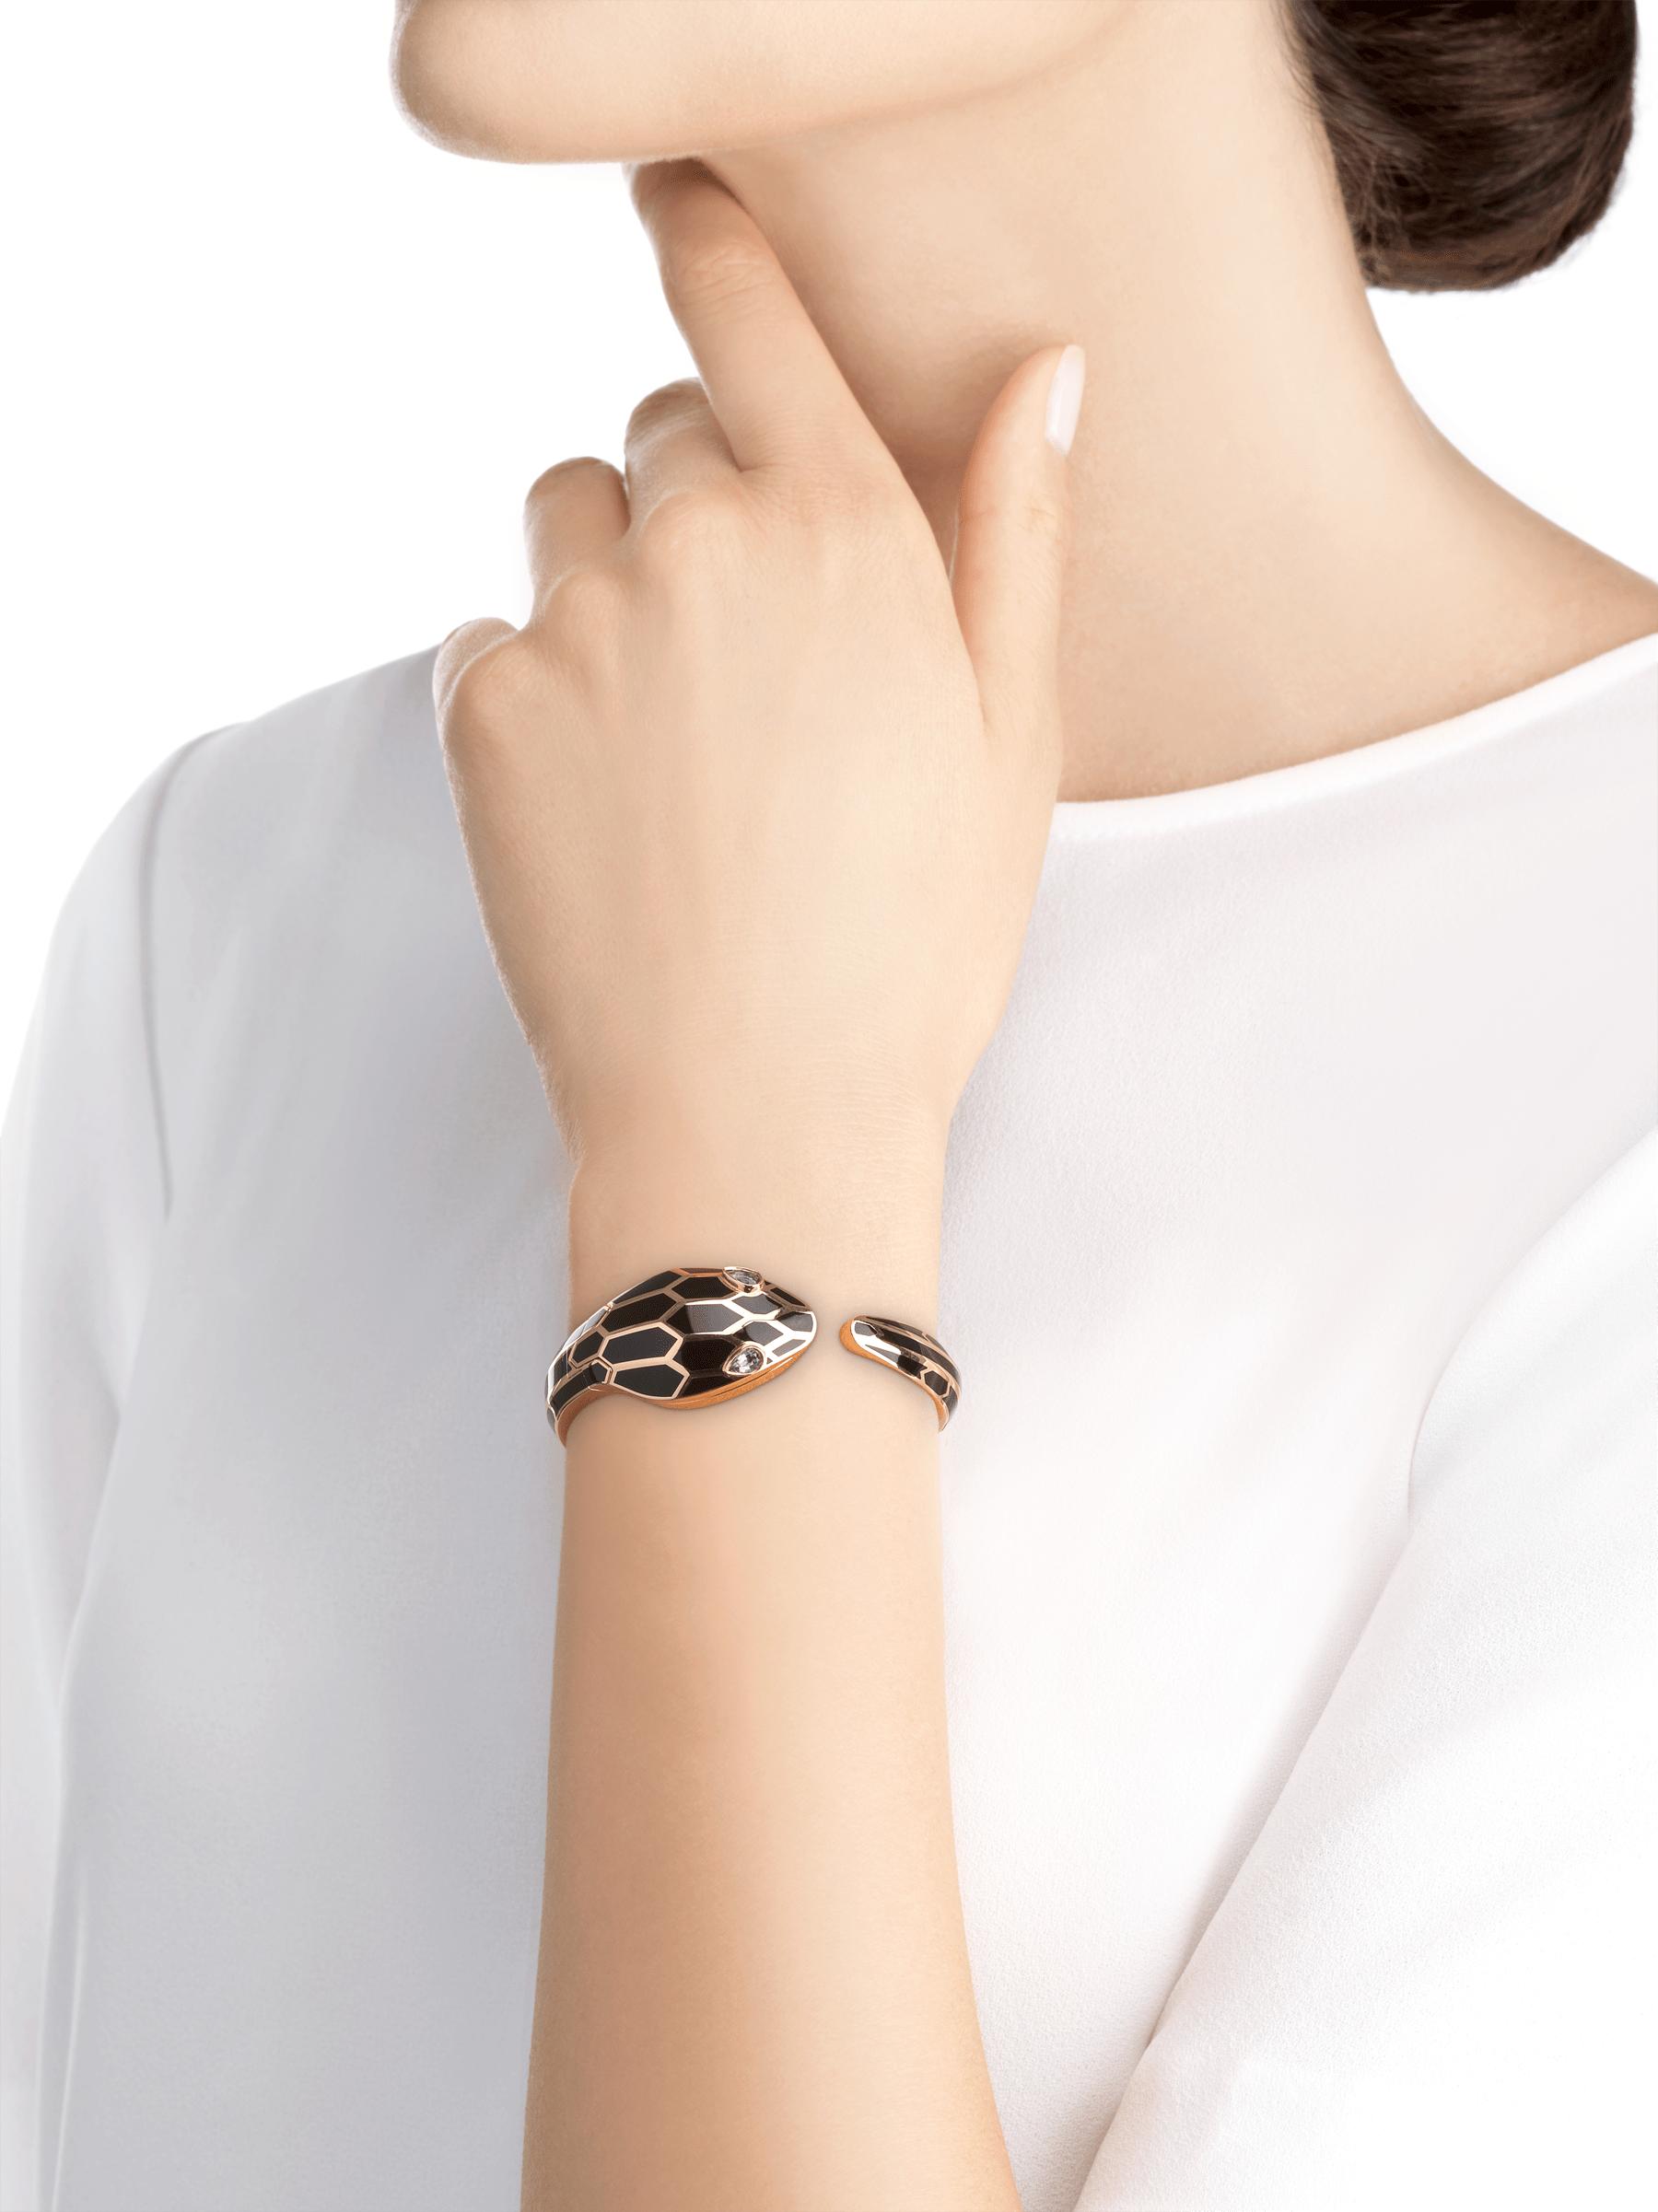 Montre à secret Serpenti Misteriosi avec boîtier et bracelet jonc en or rose 18K recouverts de laque noire, cadran laqué noir et yeux en améthyste taille poire. SrpntSecretWtc-rose-gold image 8